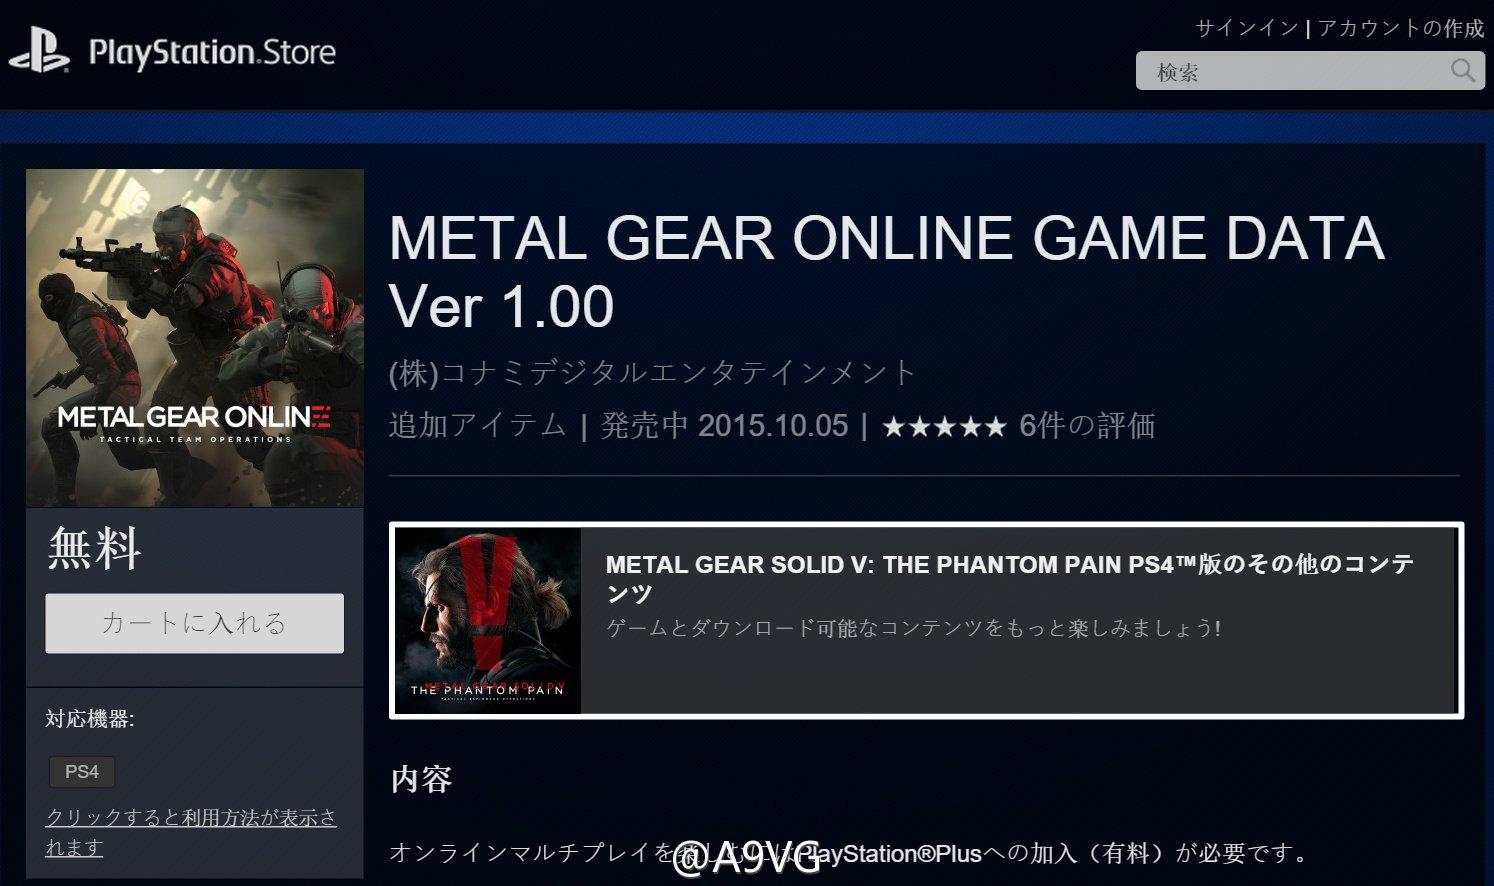 Metal Gear Online заработает с новым патчем MGS V: The Phantom Pain уже завтра, но не на ПК - Изображение 1